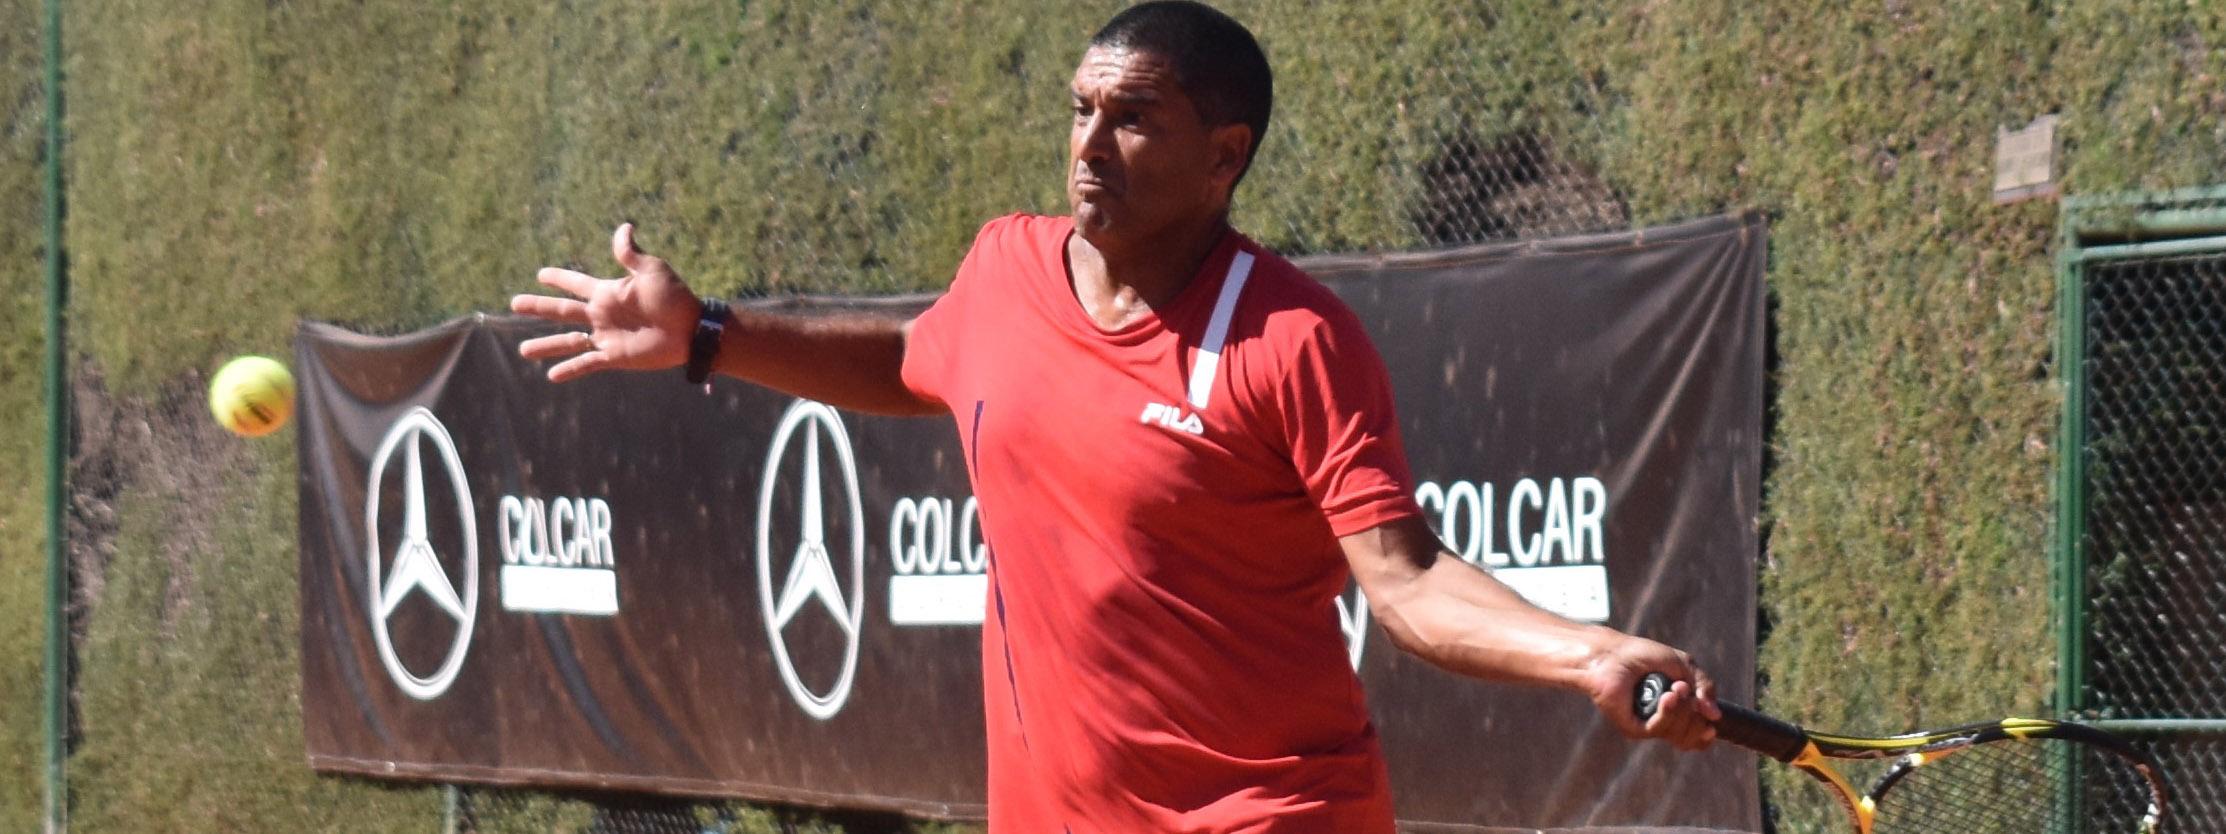 TENIS: El Córdoba Lawn larga la primera etapa de la Copa Lawn Tenis